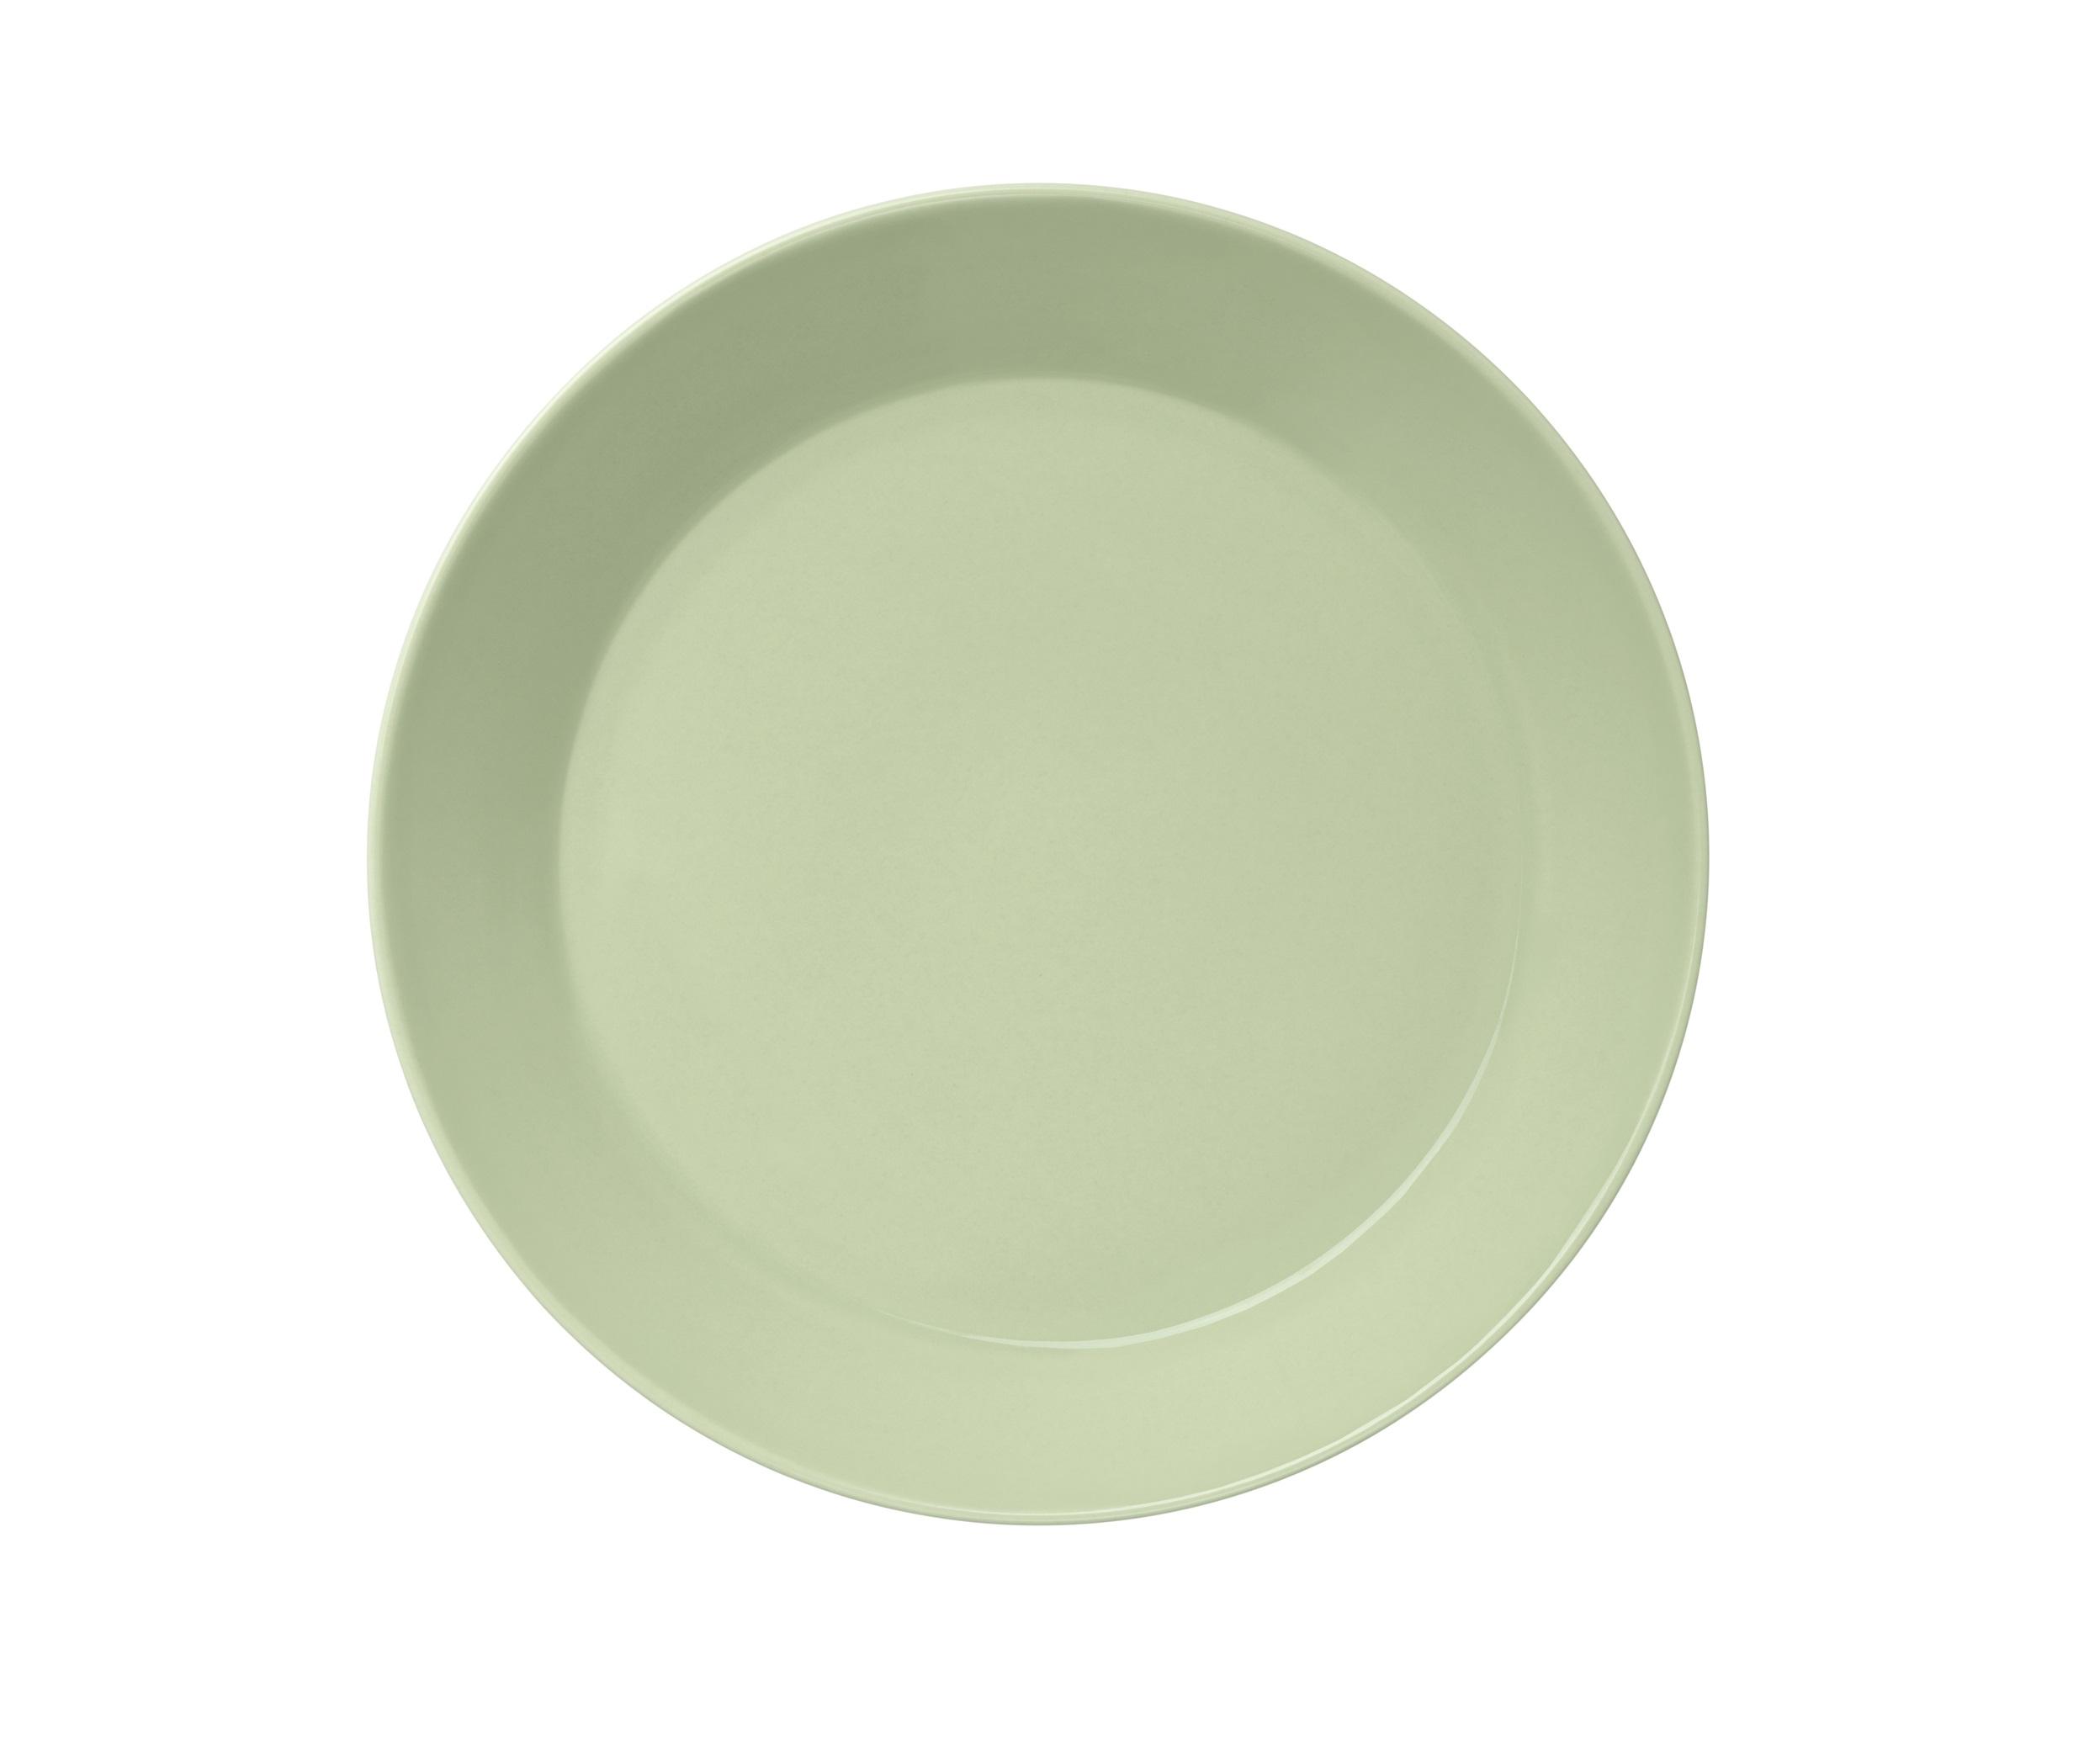 Тарелка TeemaТарелки<br>Teema - это классика дизайна Iittala, каждый продукт имеет чёткие геометрические формы: круг, квадрат и прямоугольник. Как говорит Кай Франк: «Цвет является единственным украшением». Посуда серии Teema является универсальной, её можно комбинировать с любой серией Iittala. Она практична и лаконична.<br><br>Material: Фарфор<br>Высота см: 3